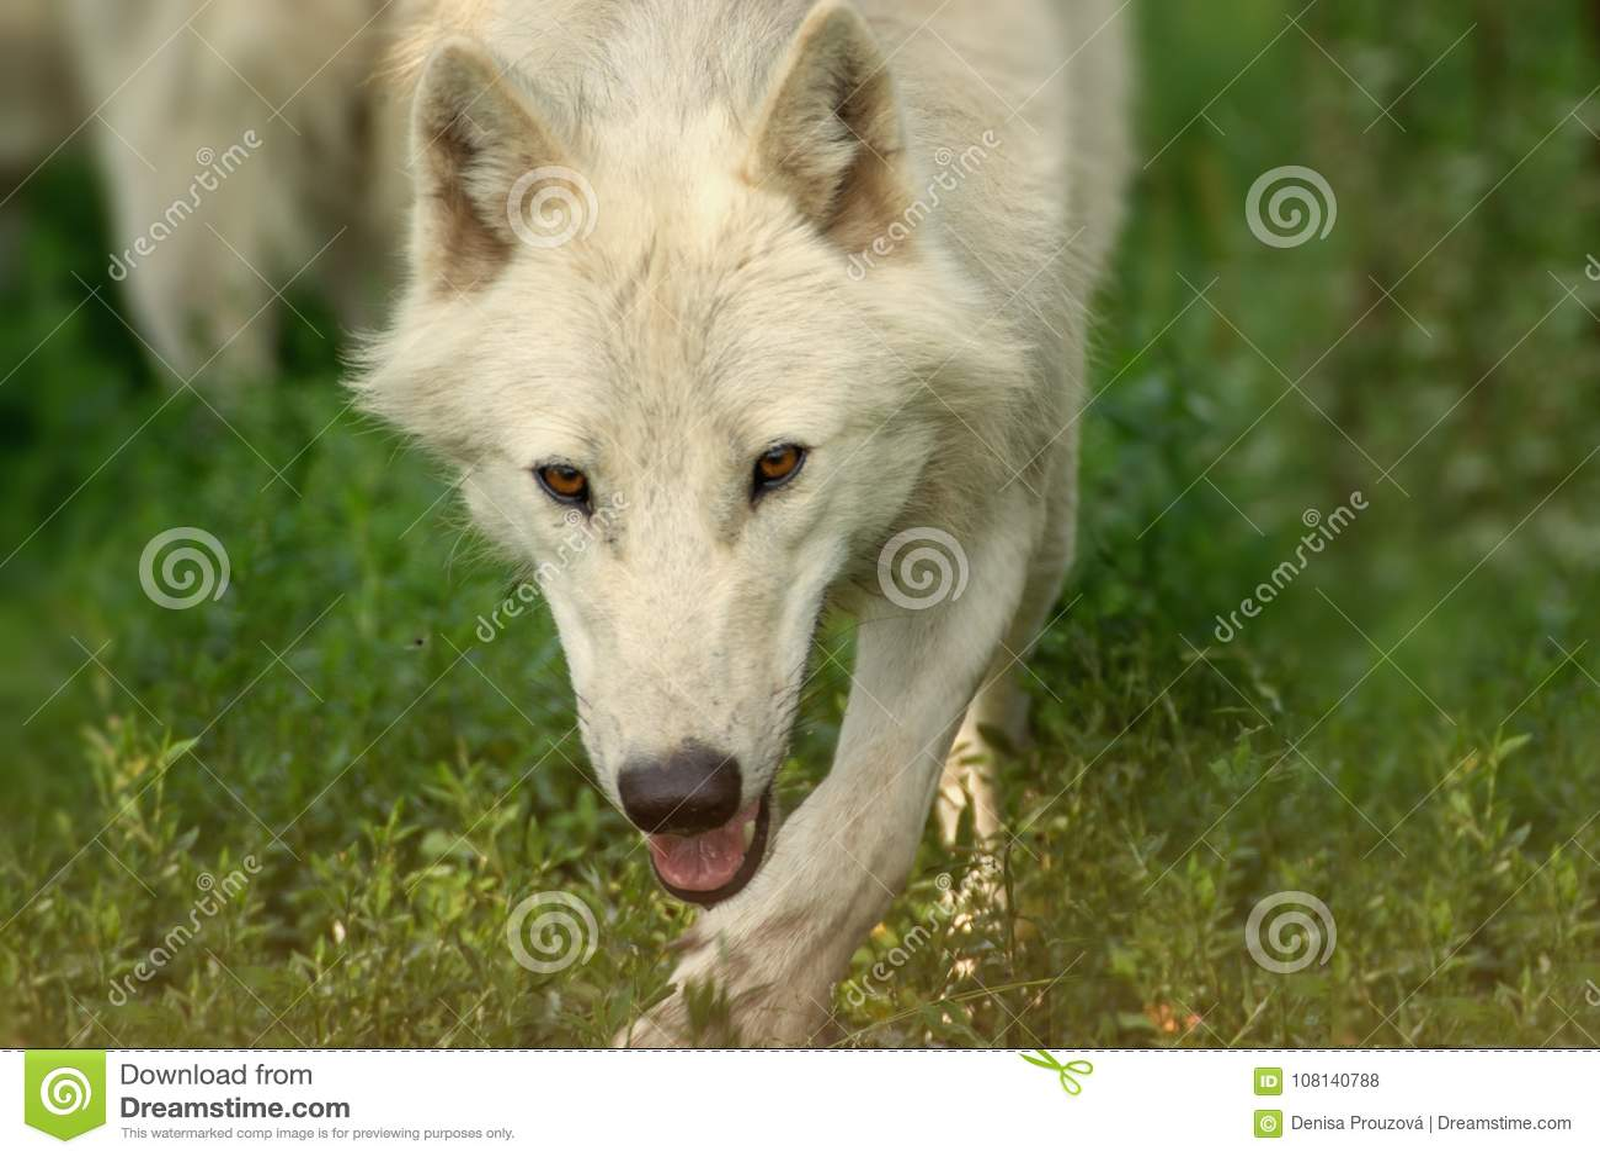 Polar, white wolf run in grass is running